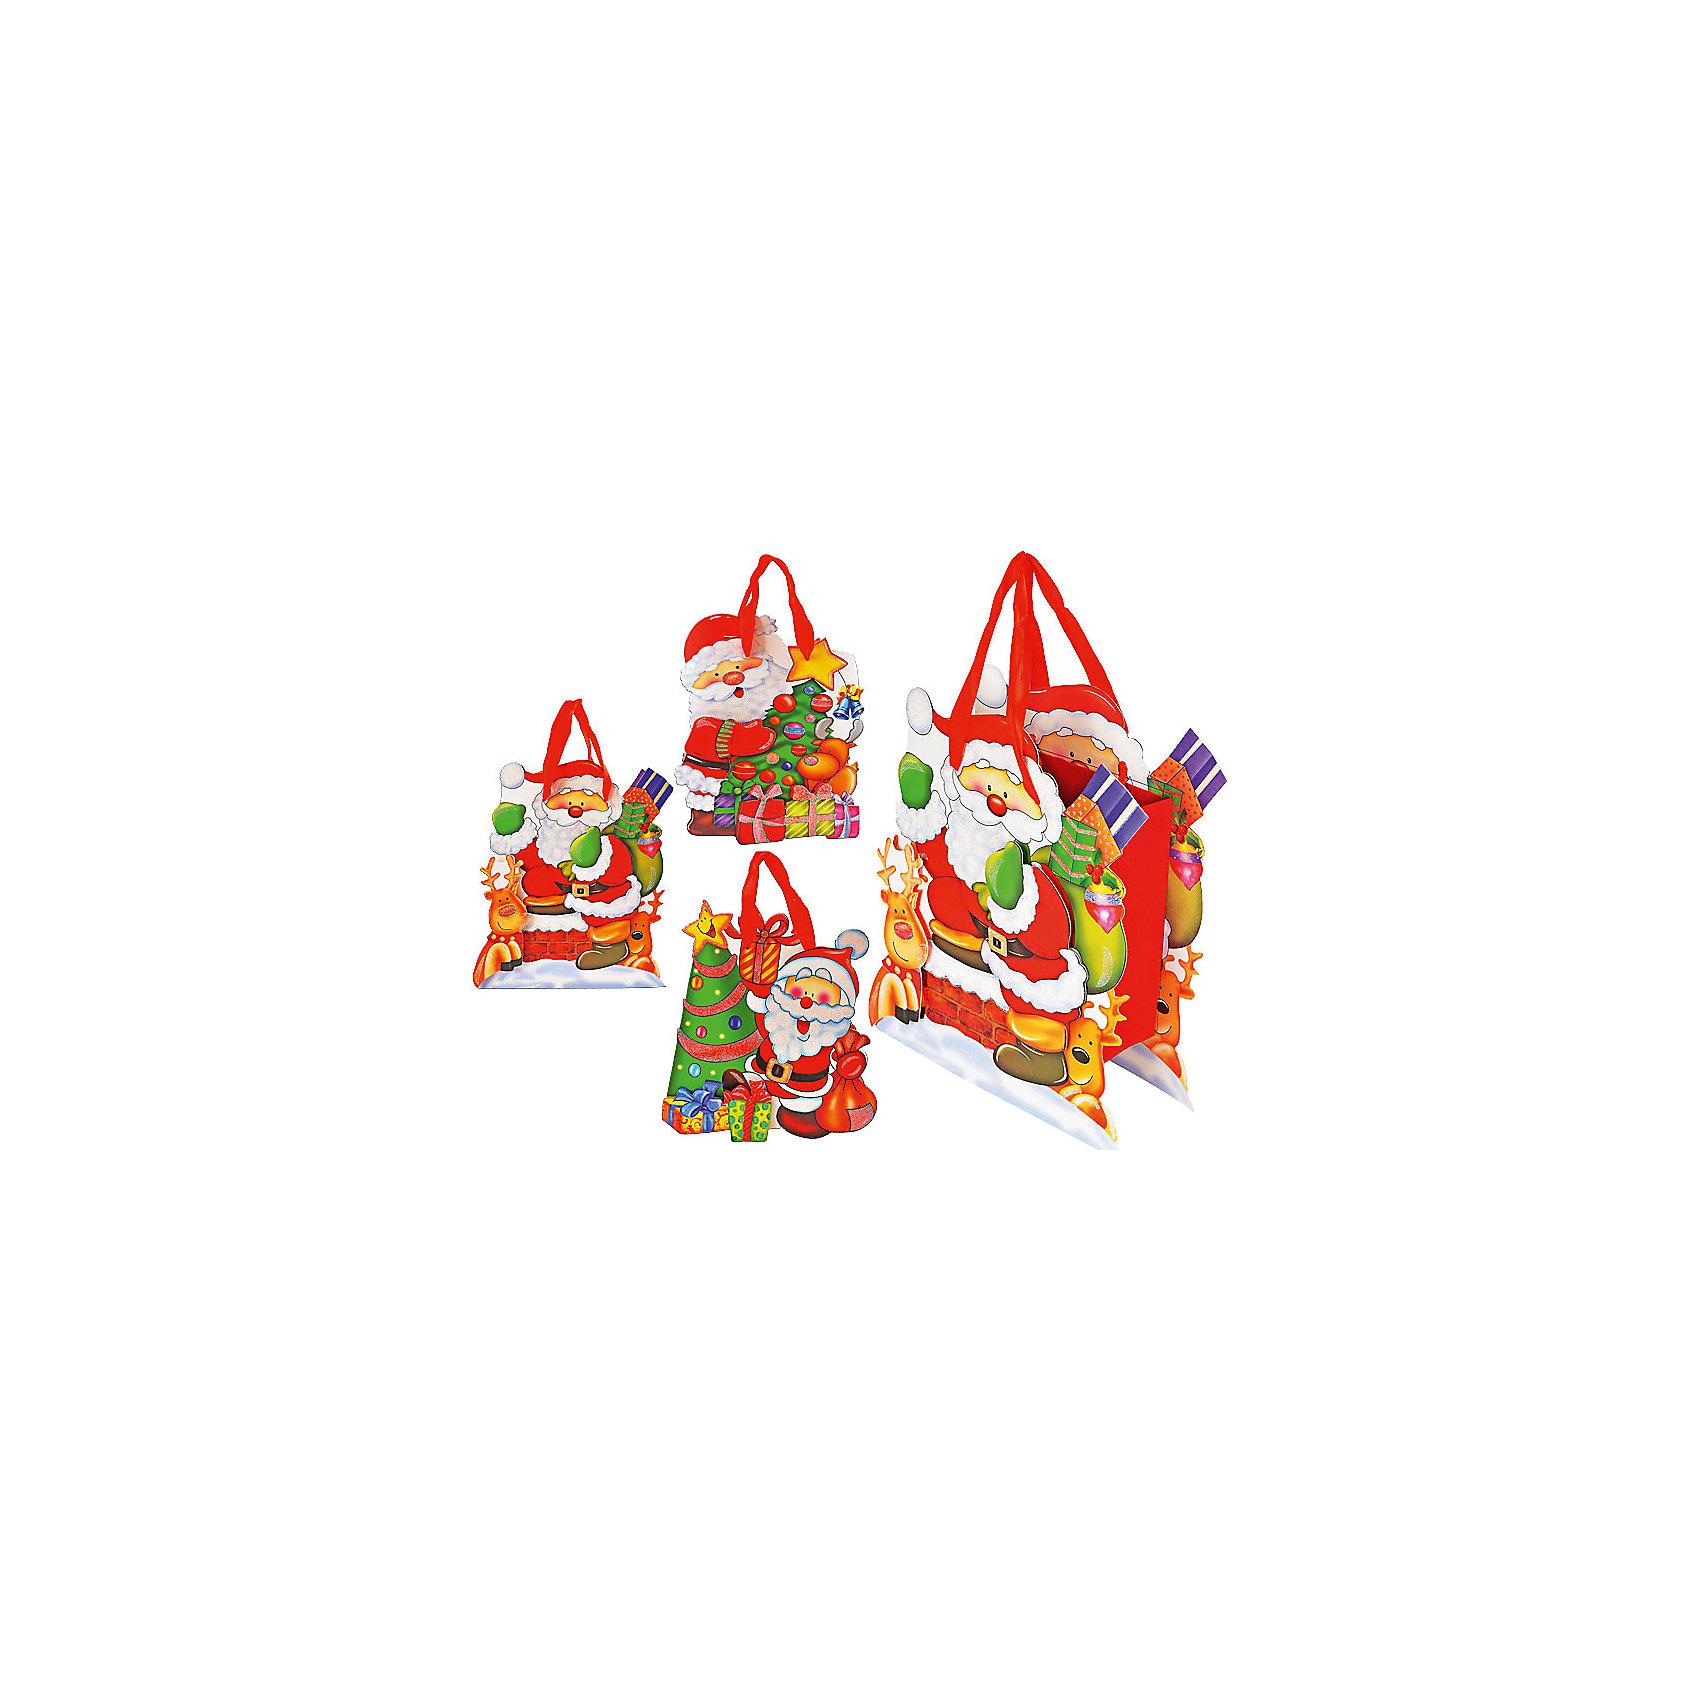 Пакет подарочный с объёмной аппликацией Дед Мороз, в ассортиментеНовинки Новый Год<br>Пакет подарочный с объёмной аппликацией Дед Мороз, в ассортименте – этот яркий аксессуар станет достойным украшением новогоднего подарка.<br>Пакет подарочный Дед Мороз поможет Вам красиво оформить новогодний подарок для своих родных и друзей. Красочный пакет нарядно украшен объёмной аппликацией.<br><br>Дополнительная информация:<br><br>- В ассортименте: 3 дизайна<br>- Размер: 26 х 25 х 8 см.<br>- Вес: 102 гр.<br>- ВНИМАНИЕ! Данный артикул представлен в разных вариантах исполнения. К сожалению, заранее выбрать определенный вариант невозможно. При заказе нескольких наборов возможно получение одинаковых<br><br>Пакет подарочный с объёмной аппликацией Дед Мороз, в ассортименте можно купить в нашем интернет-магазине.<br><br>Ширина мм: 260<br>Глубина мм: 250<br>Высота мм: 80<br>Вес г: 102<br>Возраст от месяцев: 36<br>Возраст до месяцев: 1188<br>Пол: Унисекс<br>Возраст: Детский<br>SKU: 4262245